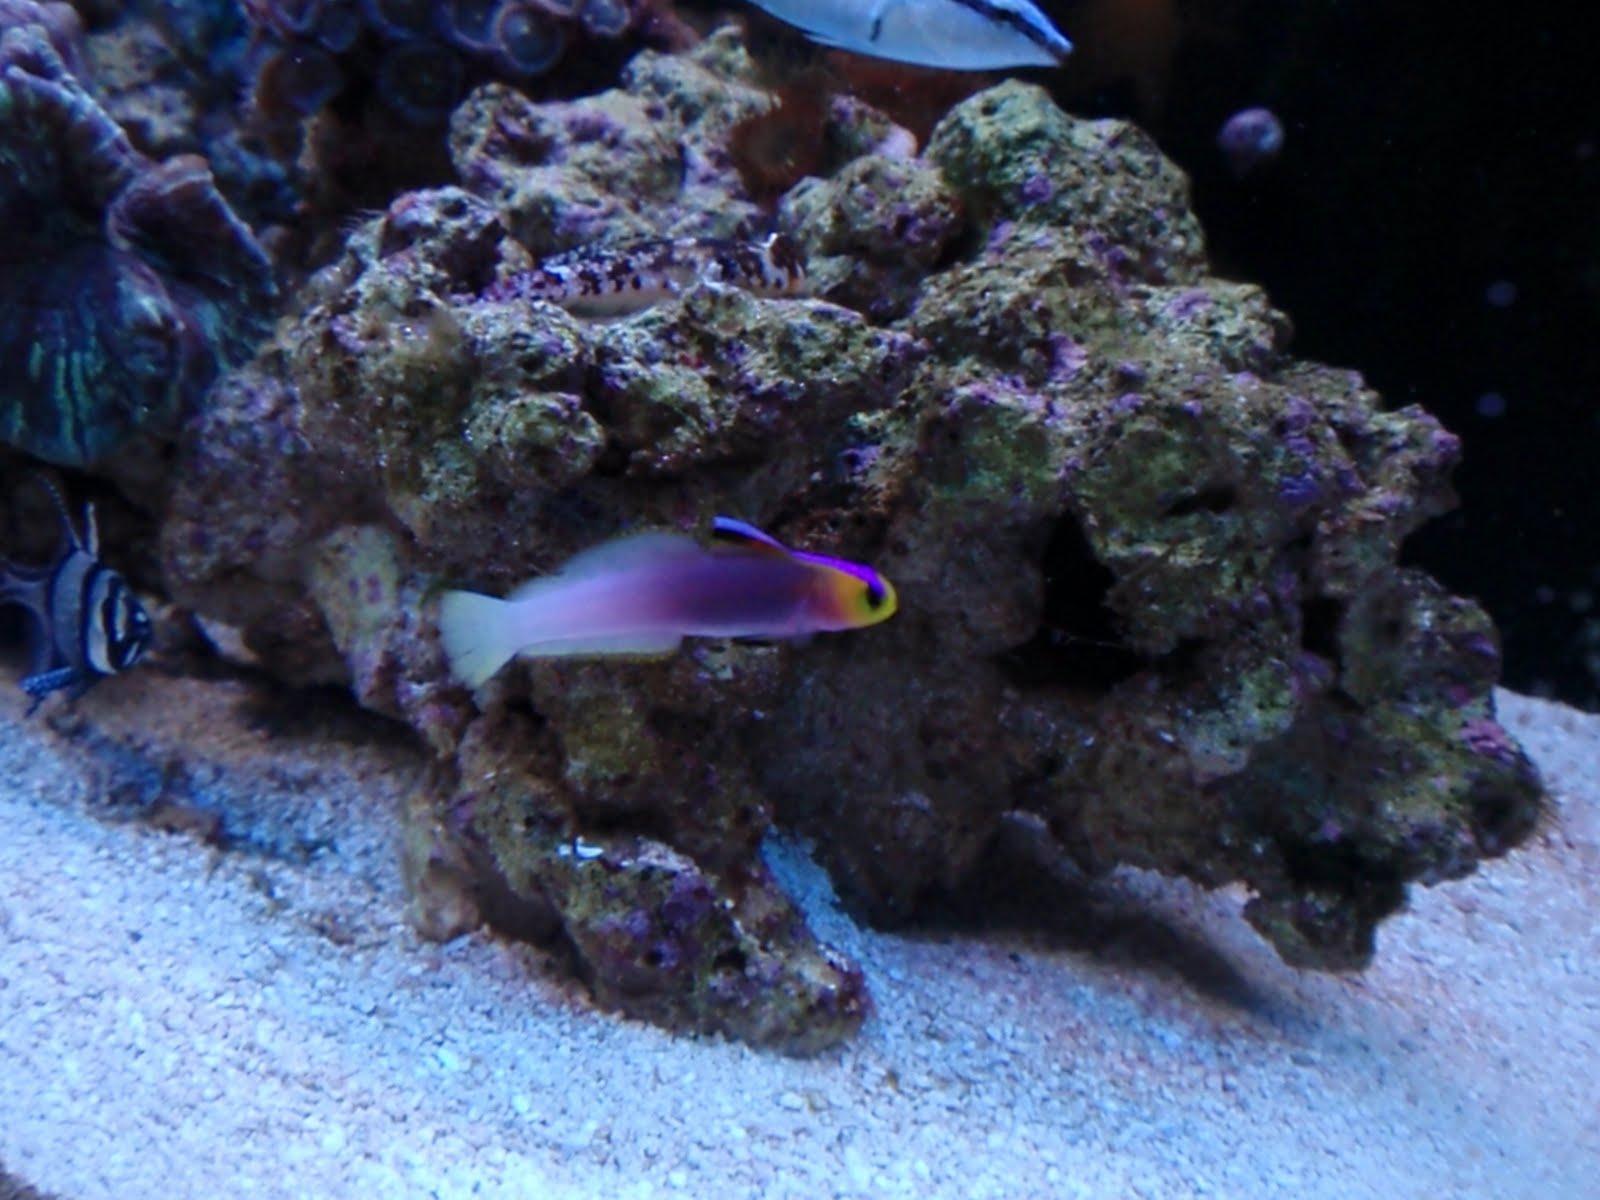 Trials and Tribulations of a Reef Aquarium October 2010